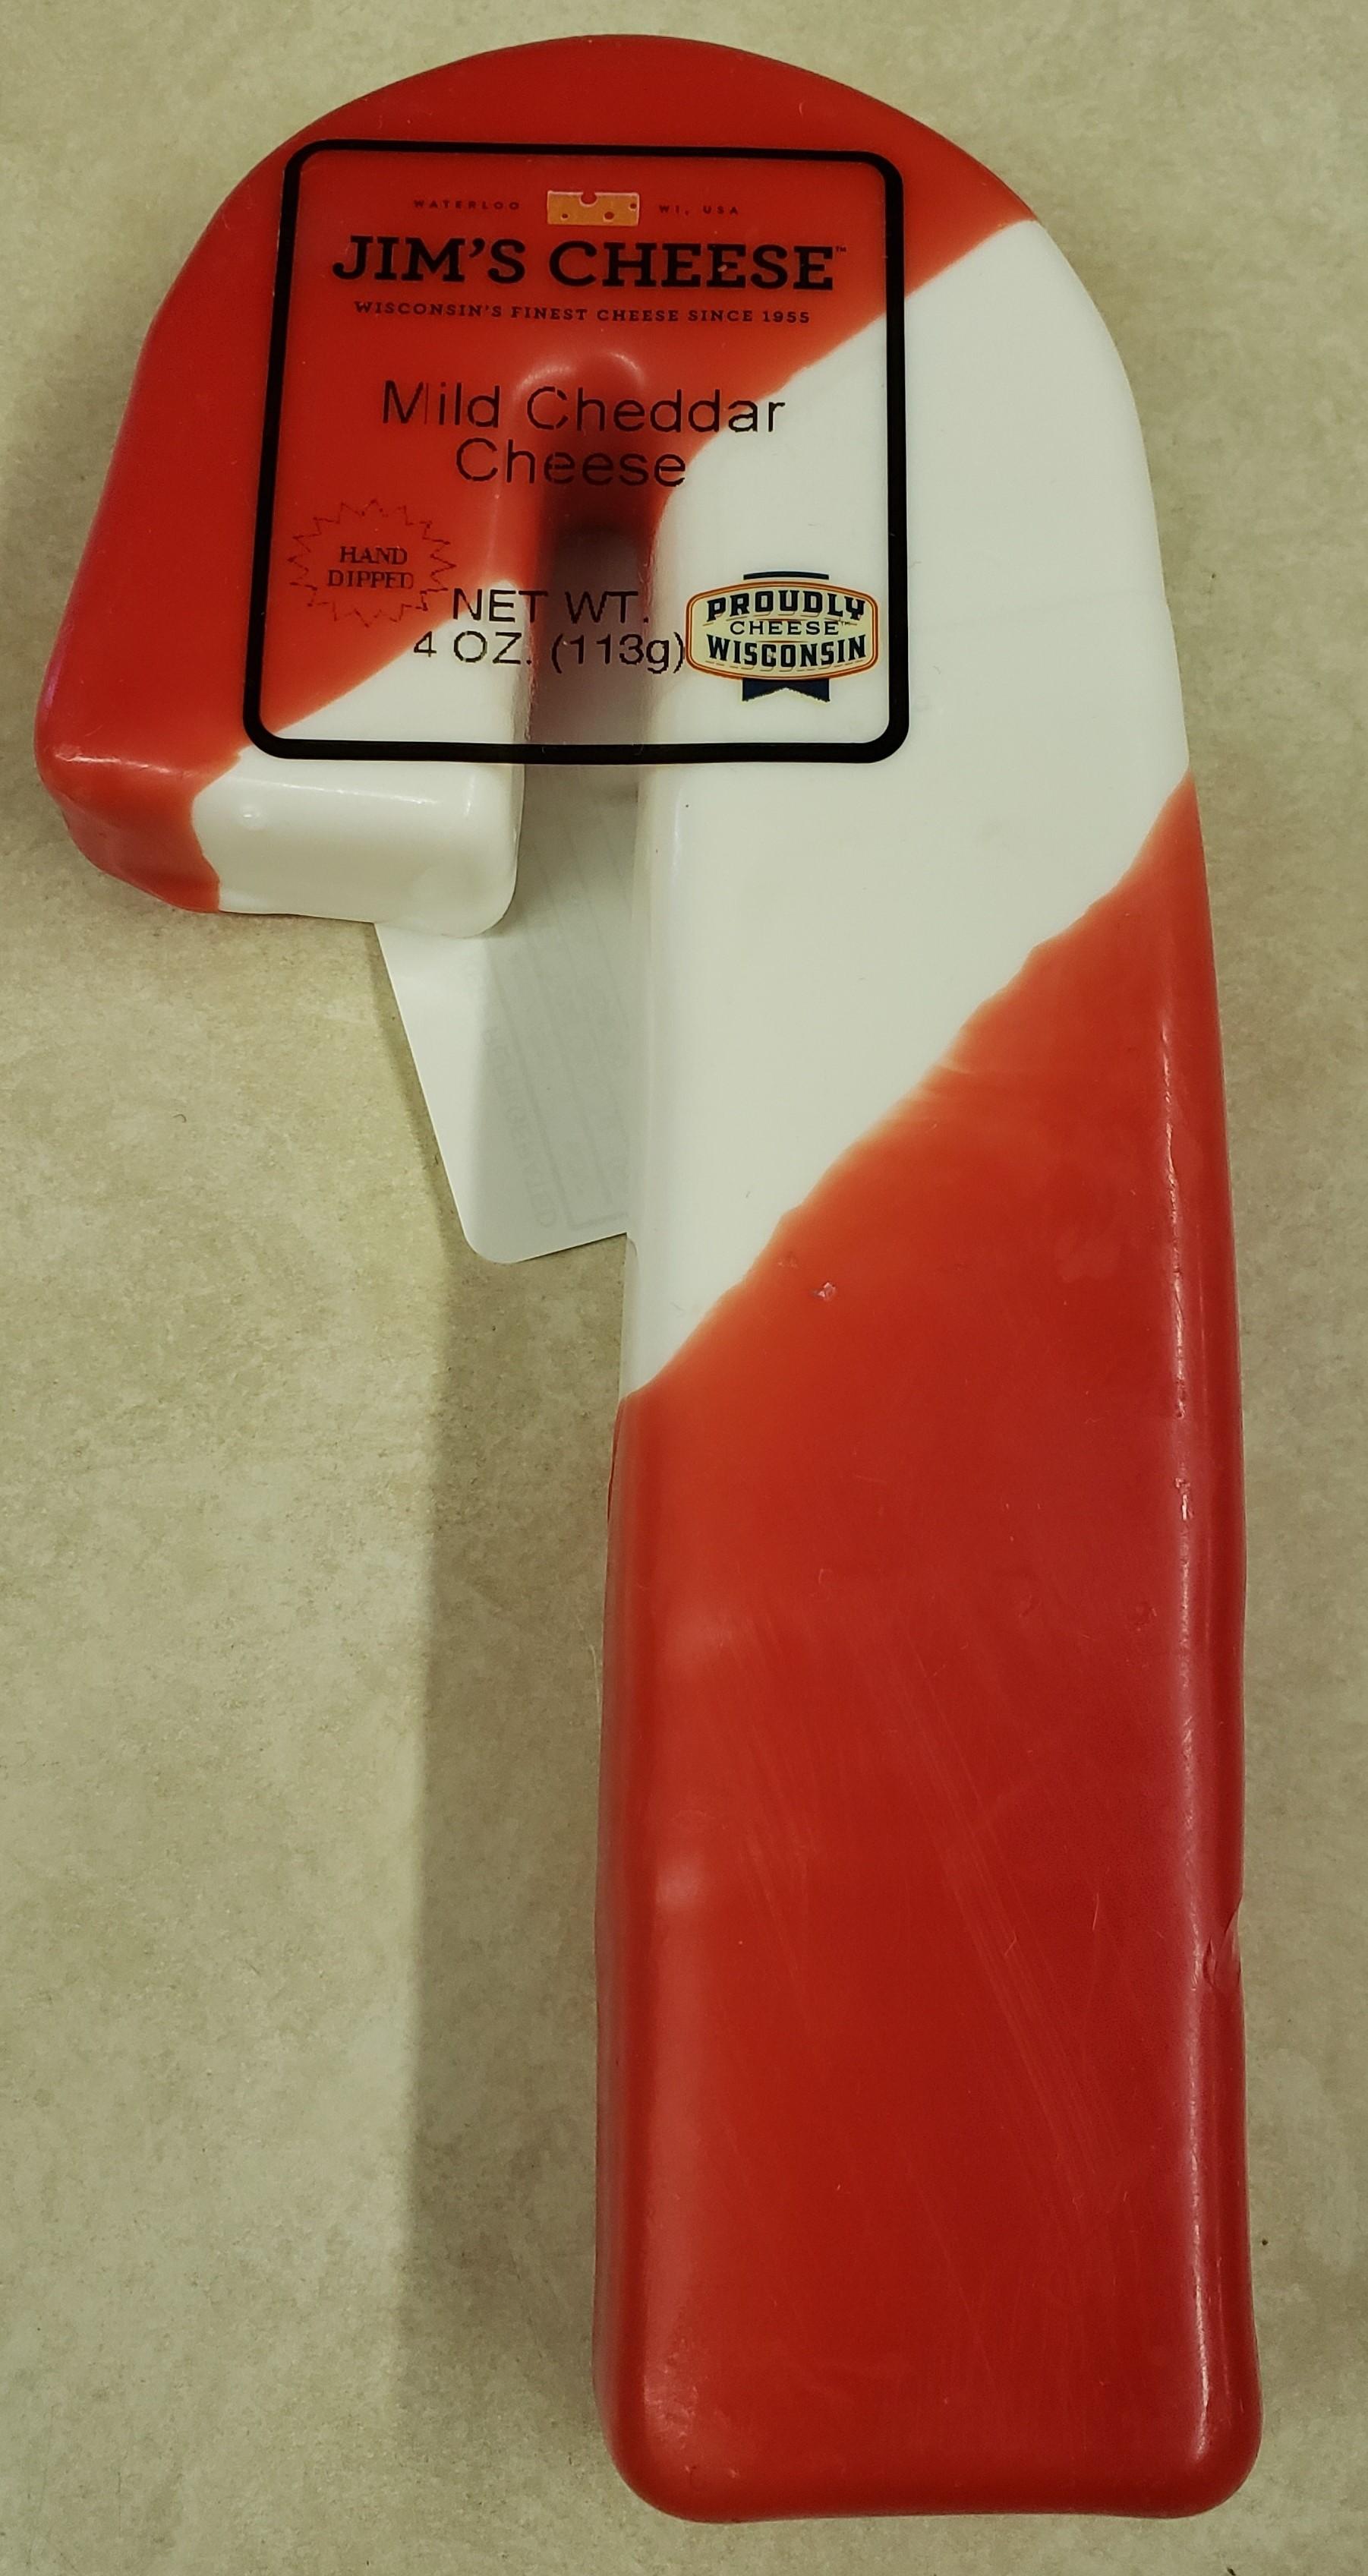 Wax Candy Cane-Mild Cheddar